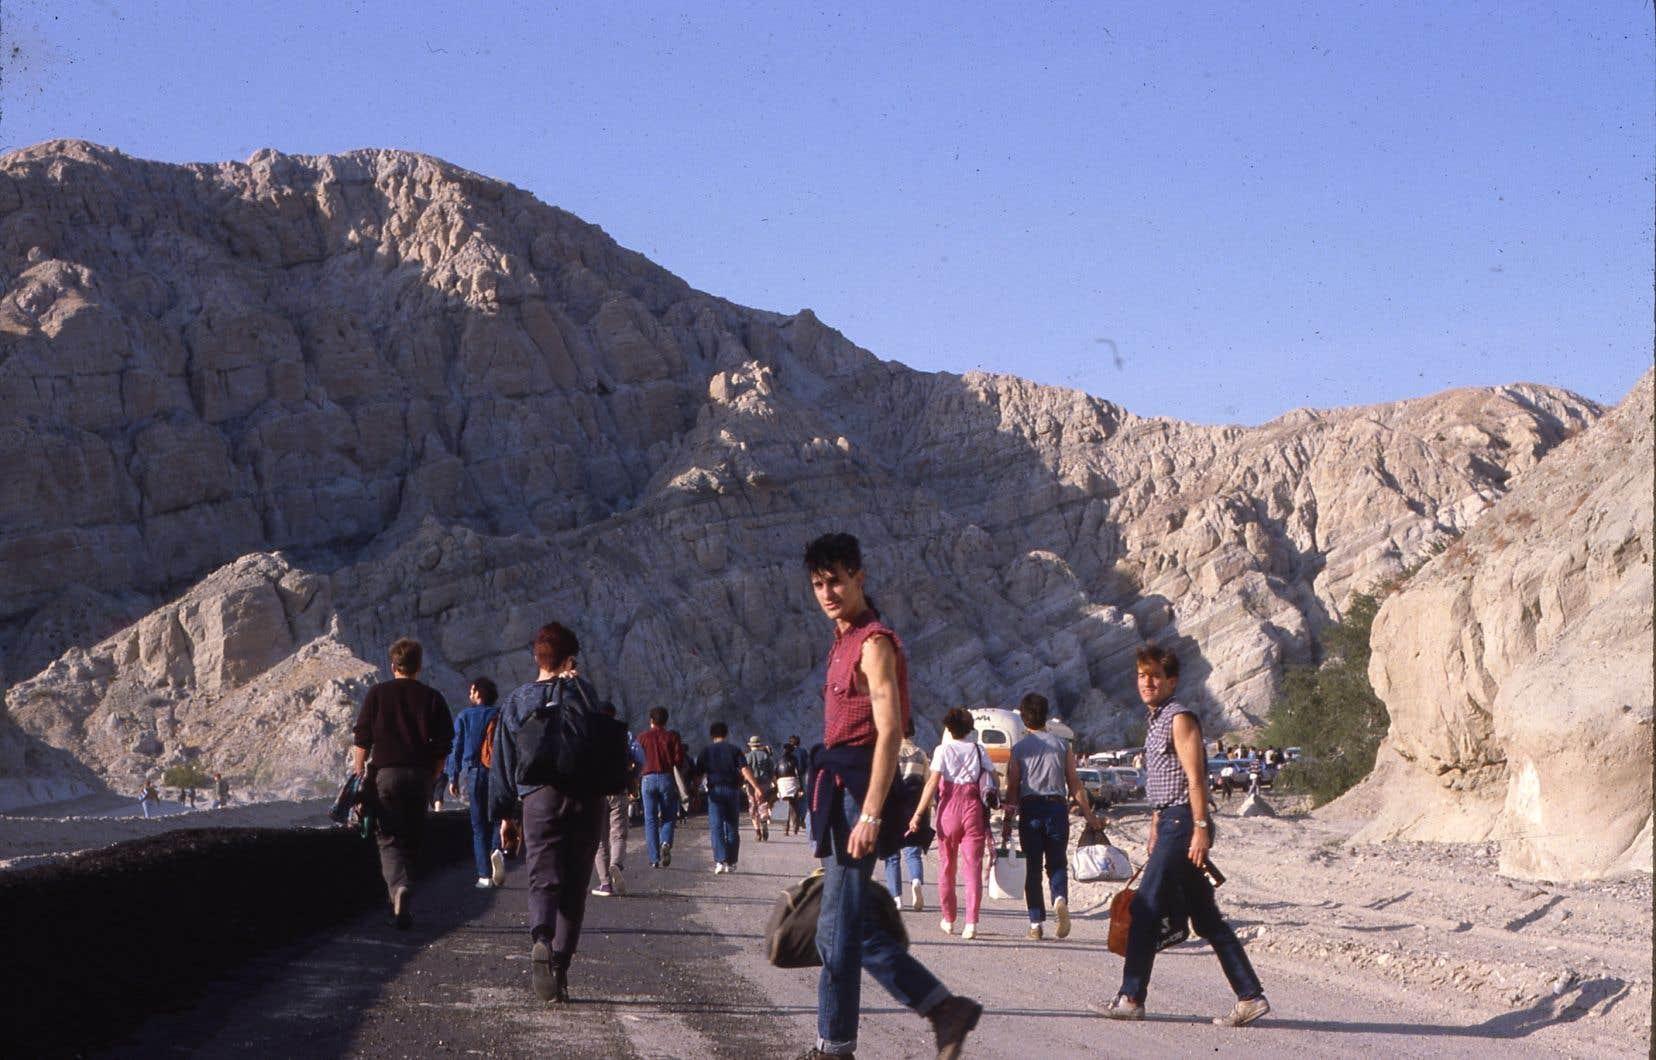 Retour sur le festival de musique et guérilla punk <i>Desolation Center</i> lors de la présidence de Ronald Reagan dans le sud de la Californie